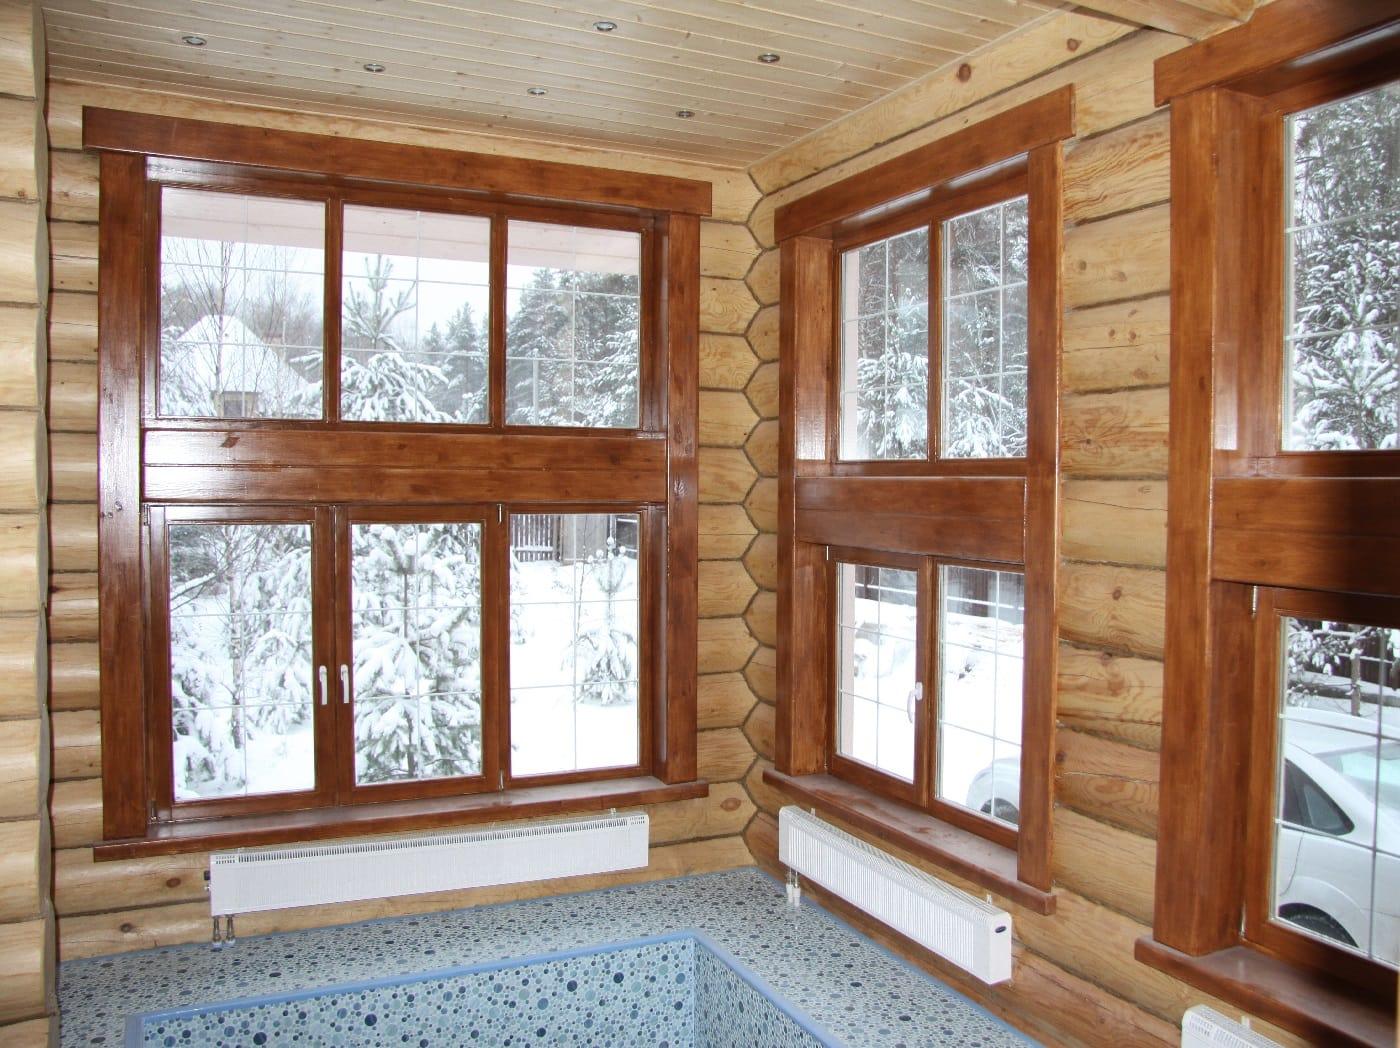 Внутренняя отделка деревянного дома: особенности материалов